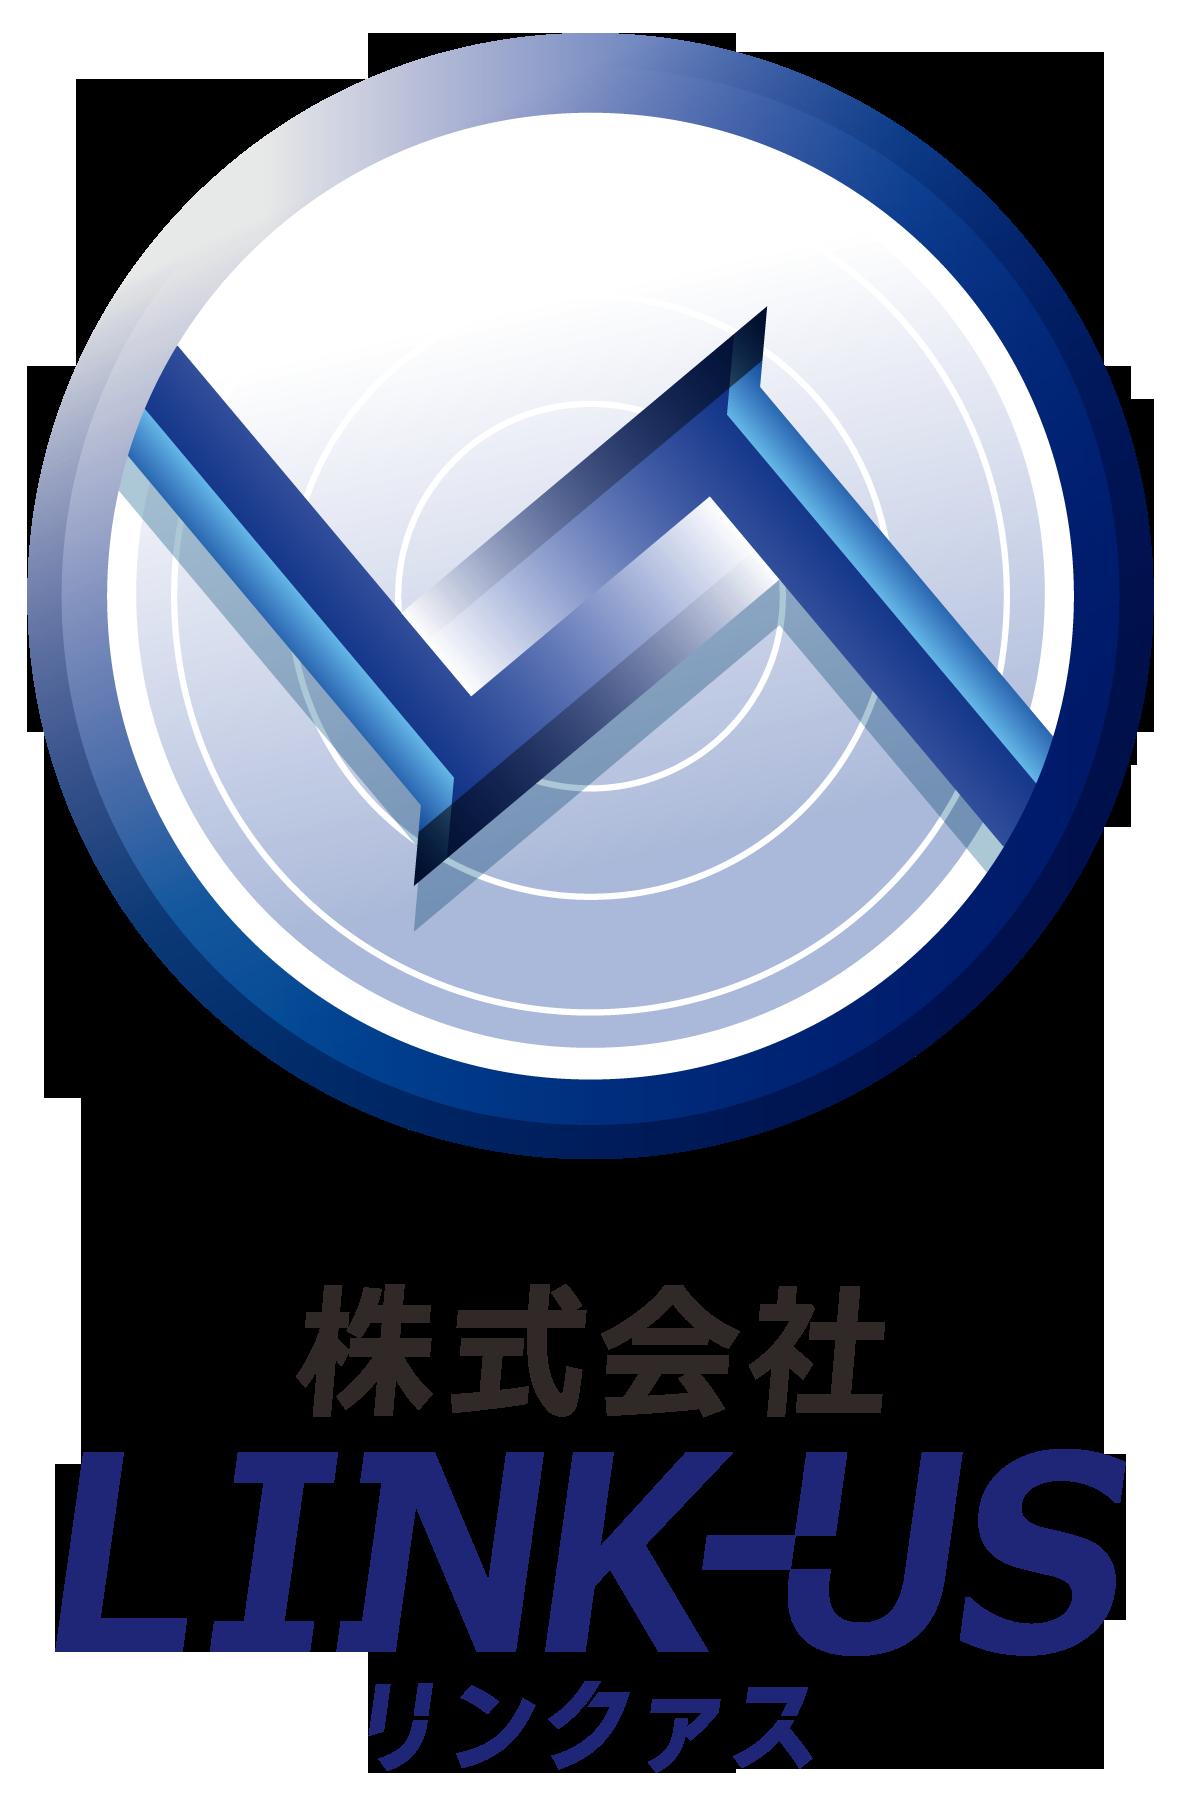 製造/メーカーと近未来と青のロゴ